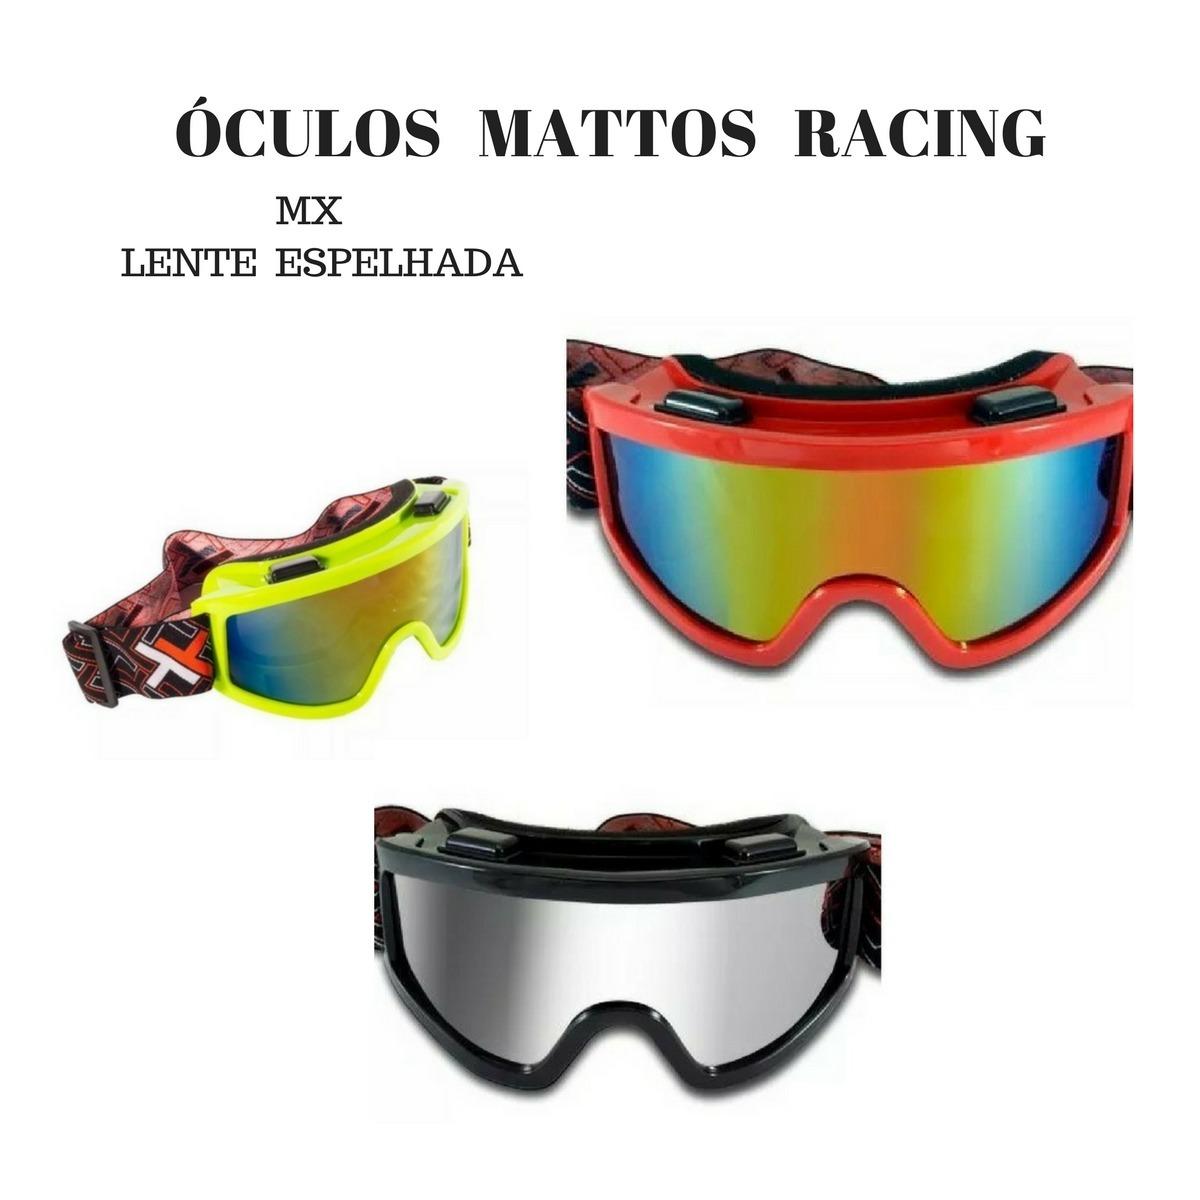 754808218 óculos mattos racing mx lente espelhada vermelho e preto. Carregando zoom.